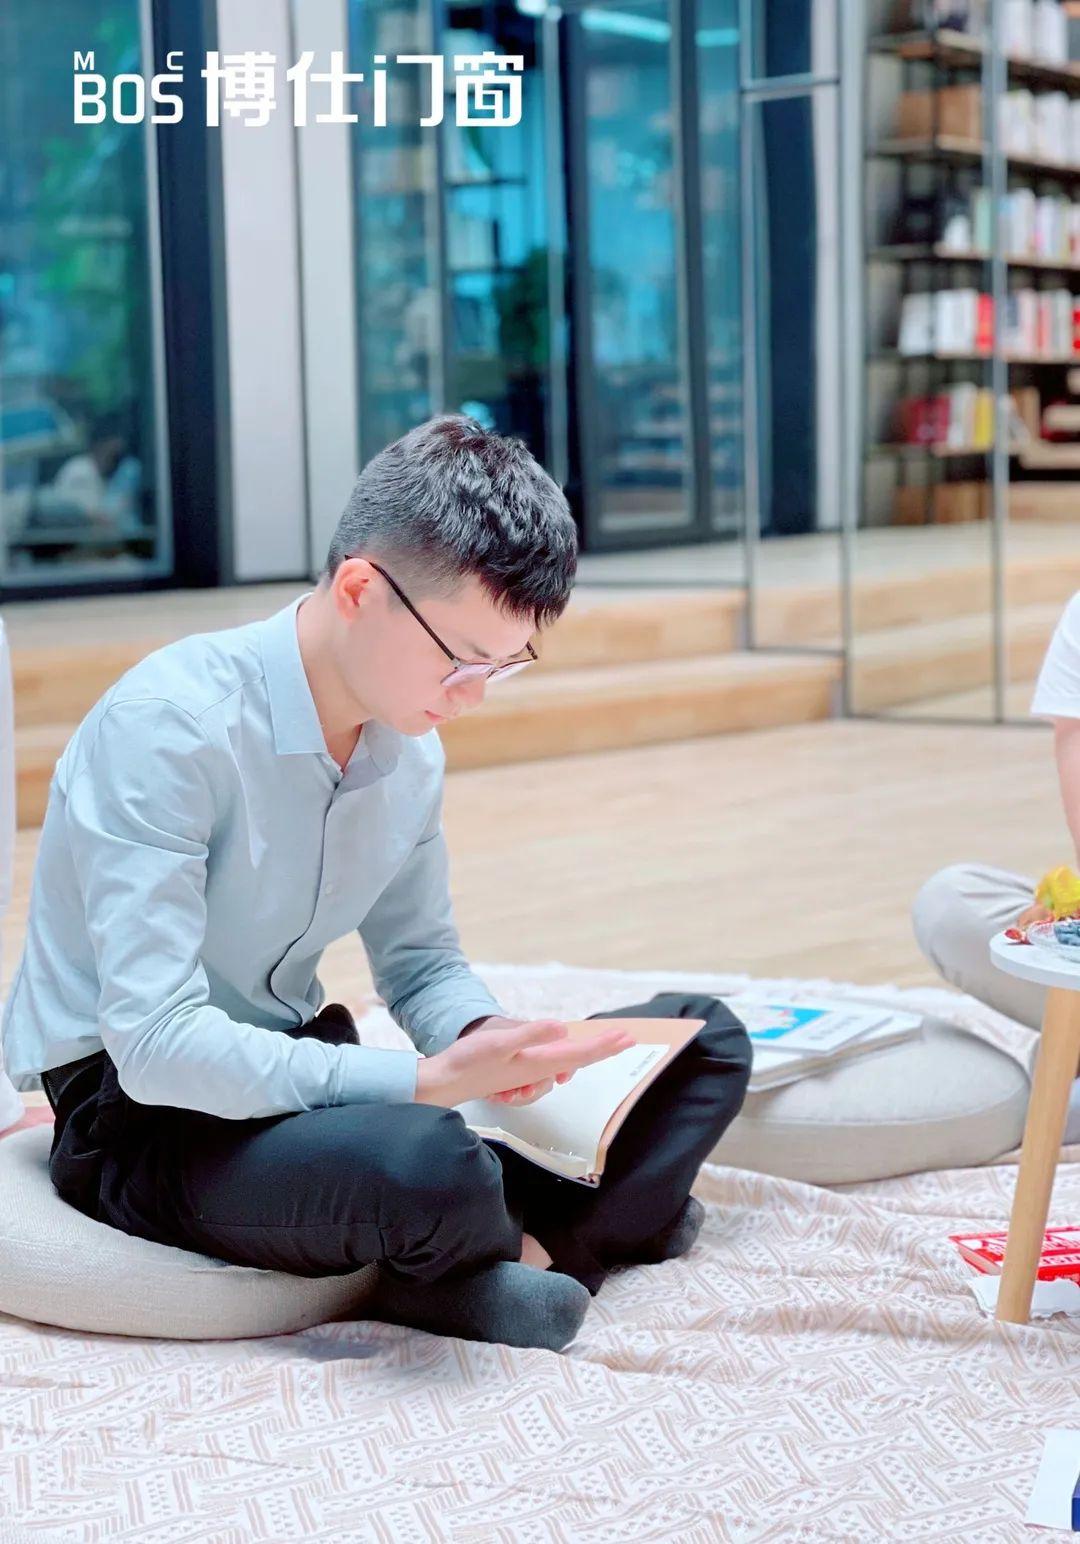 「分享感悟」第一届博仕读书沙龙正式启动